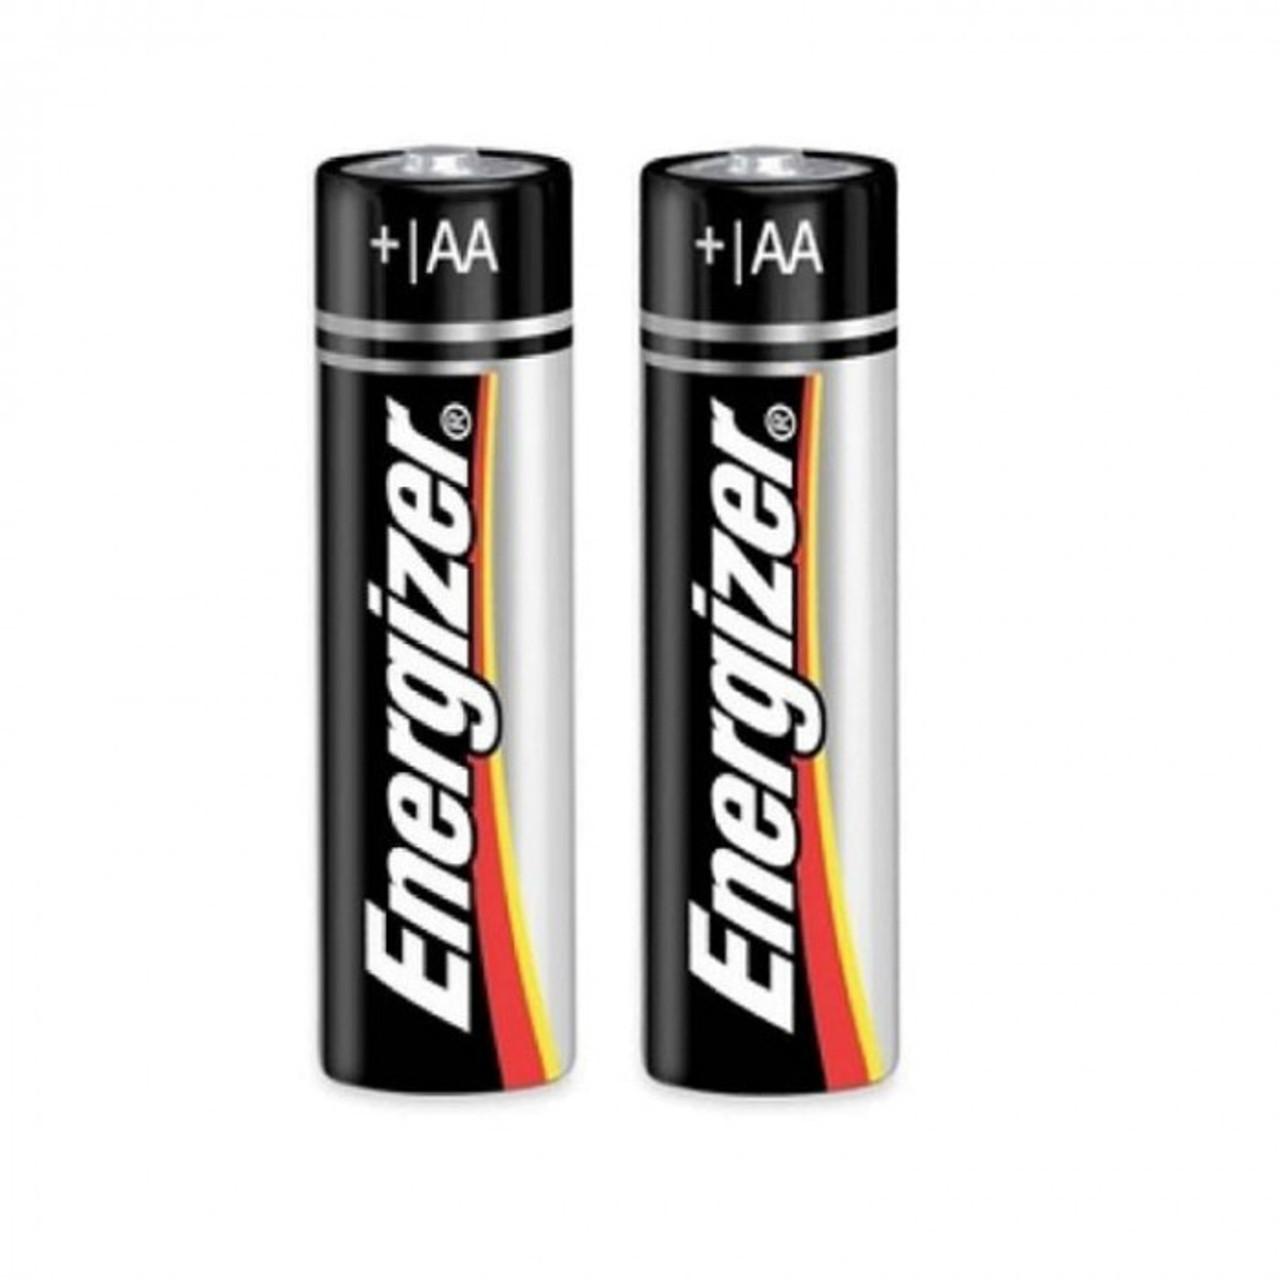 AA Alkaline Battery - 2 Pack